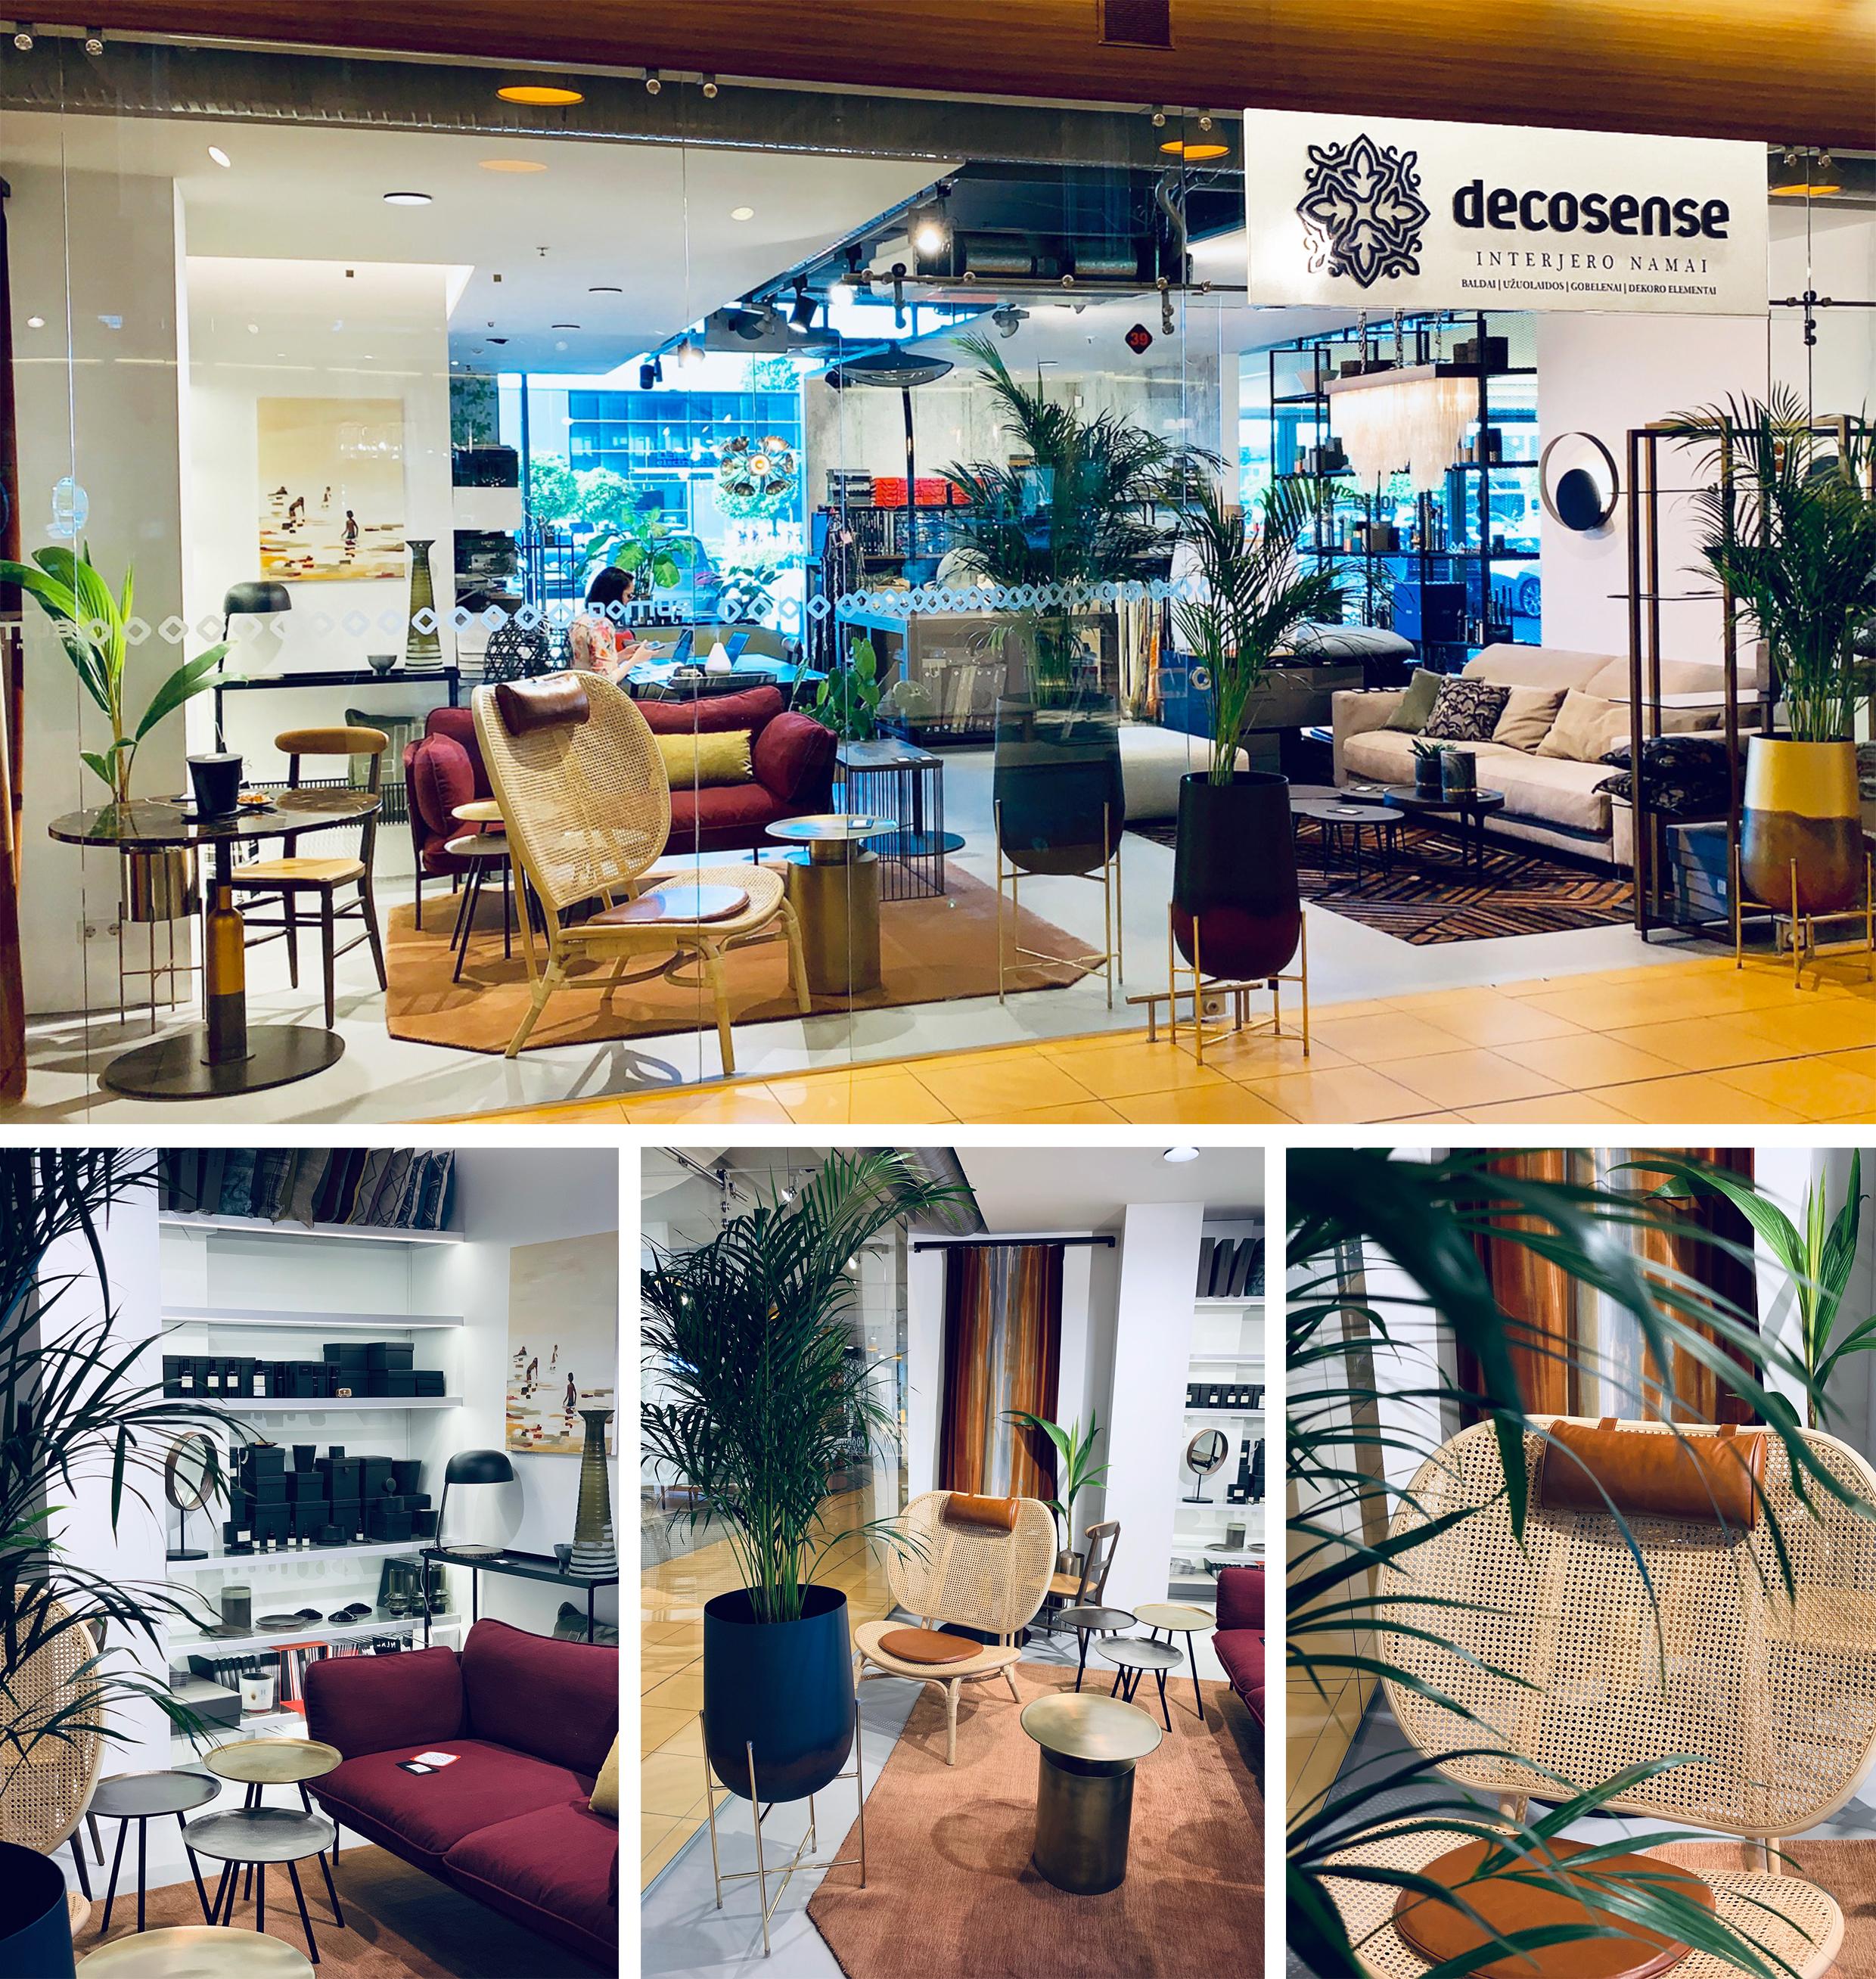 , Naujas Decosence salonas!, DecoSense